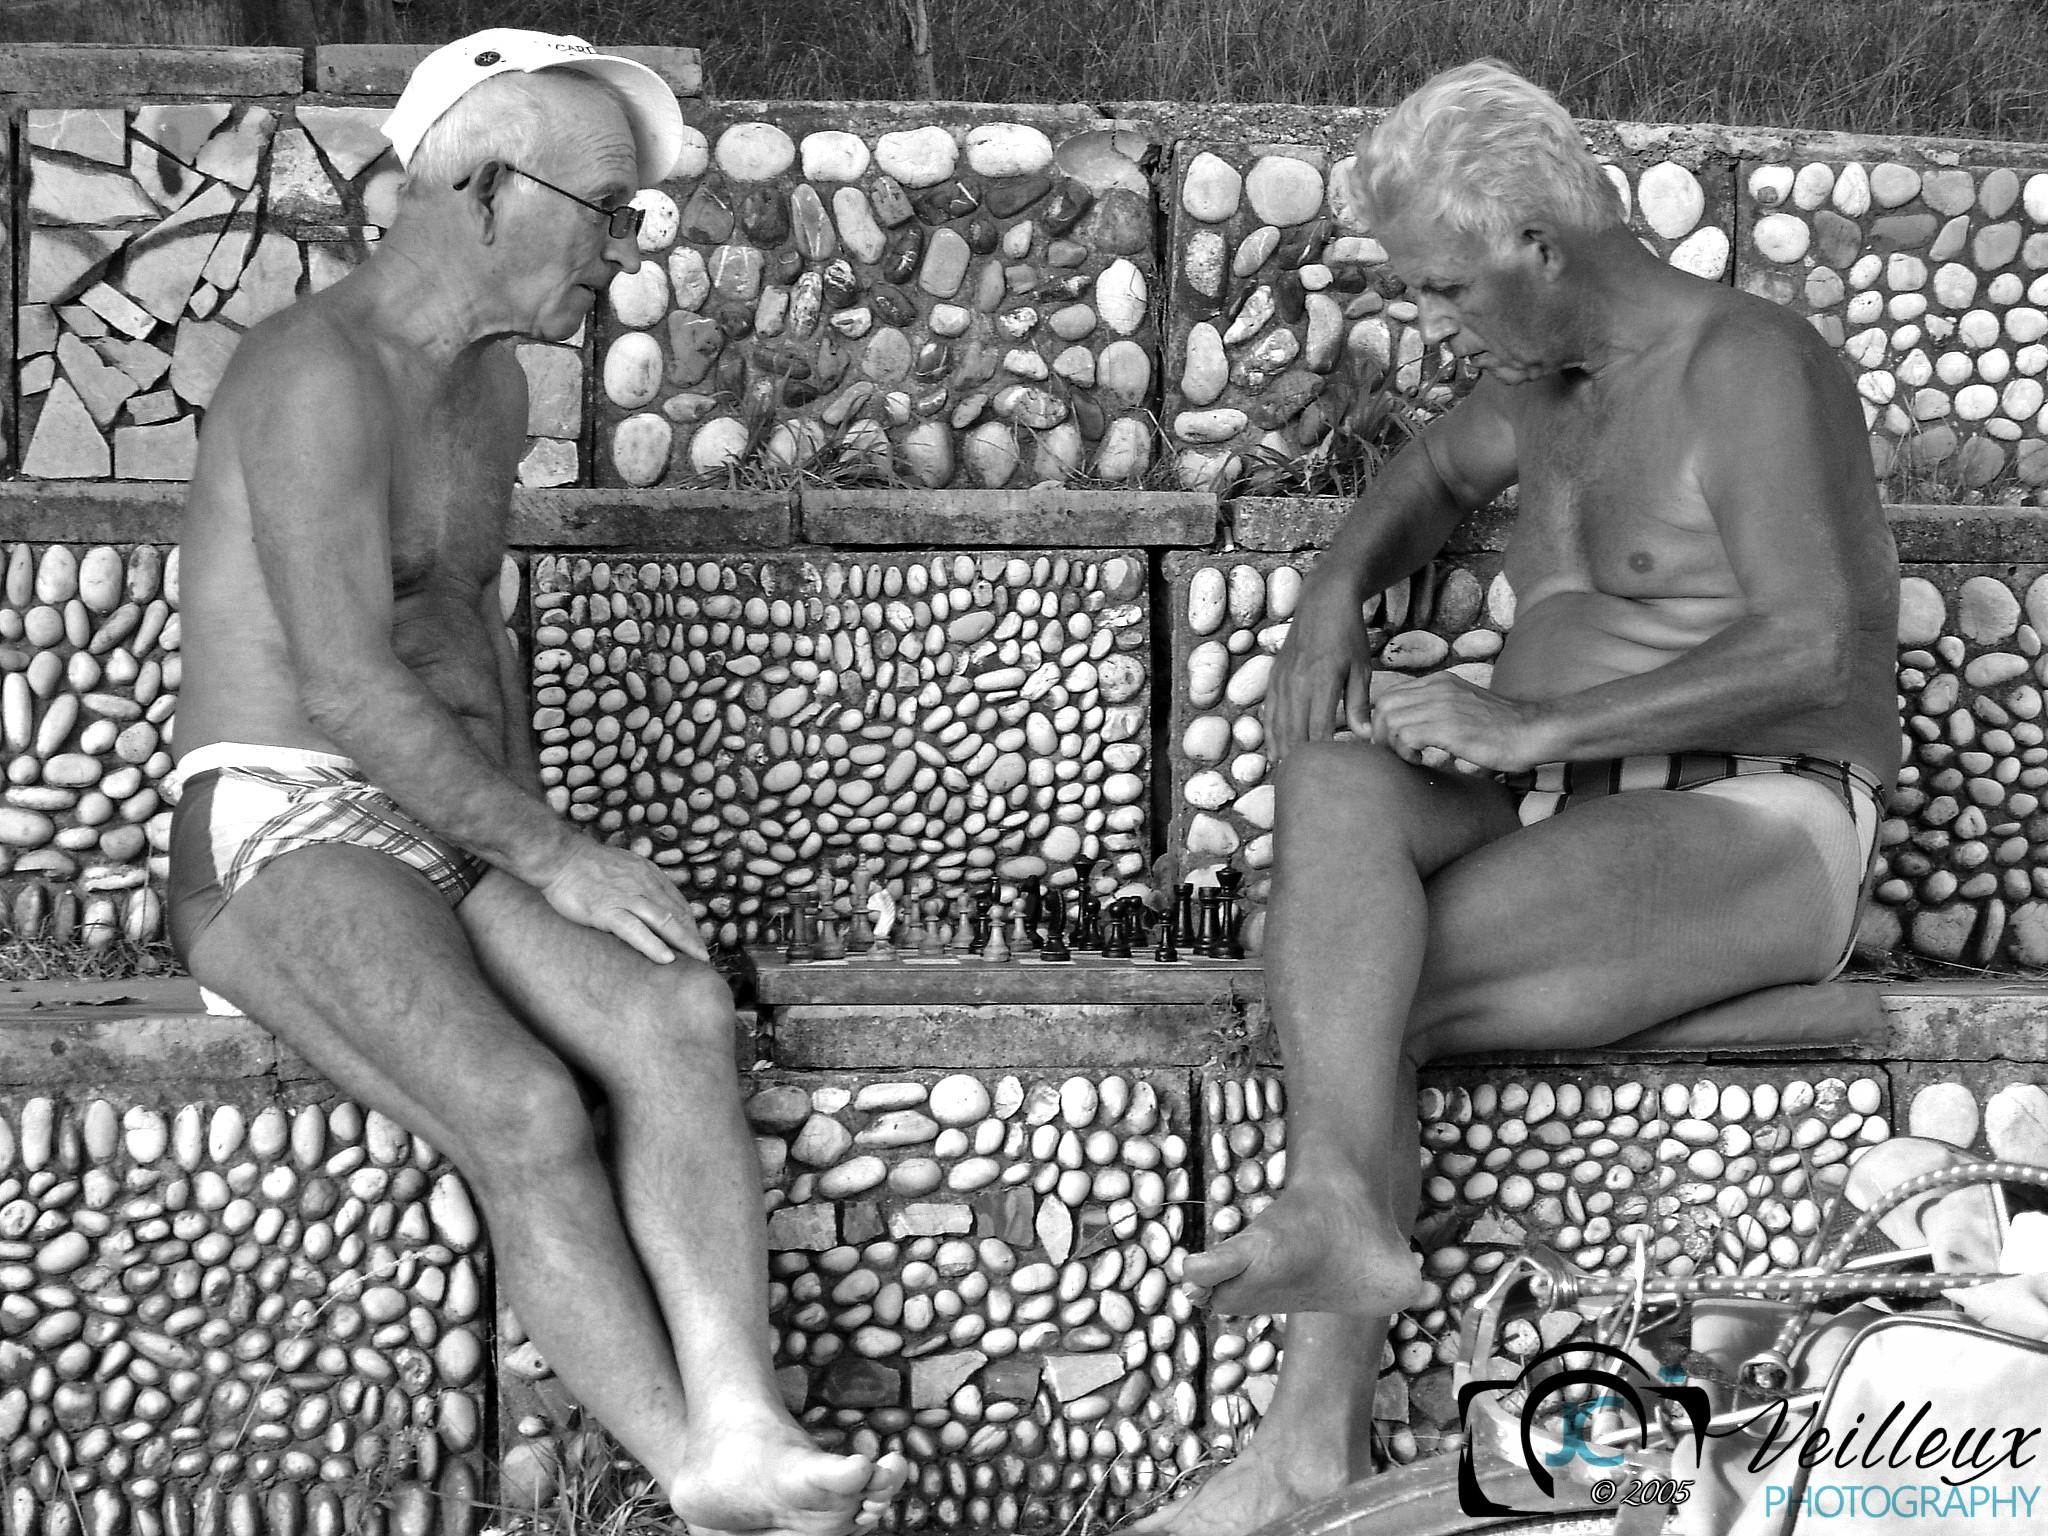 Elders in Conversation No. 4